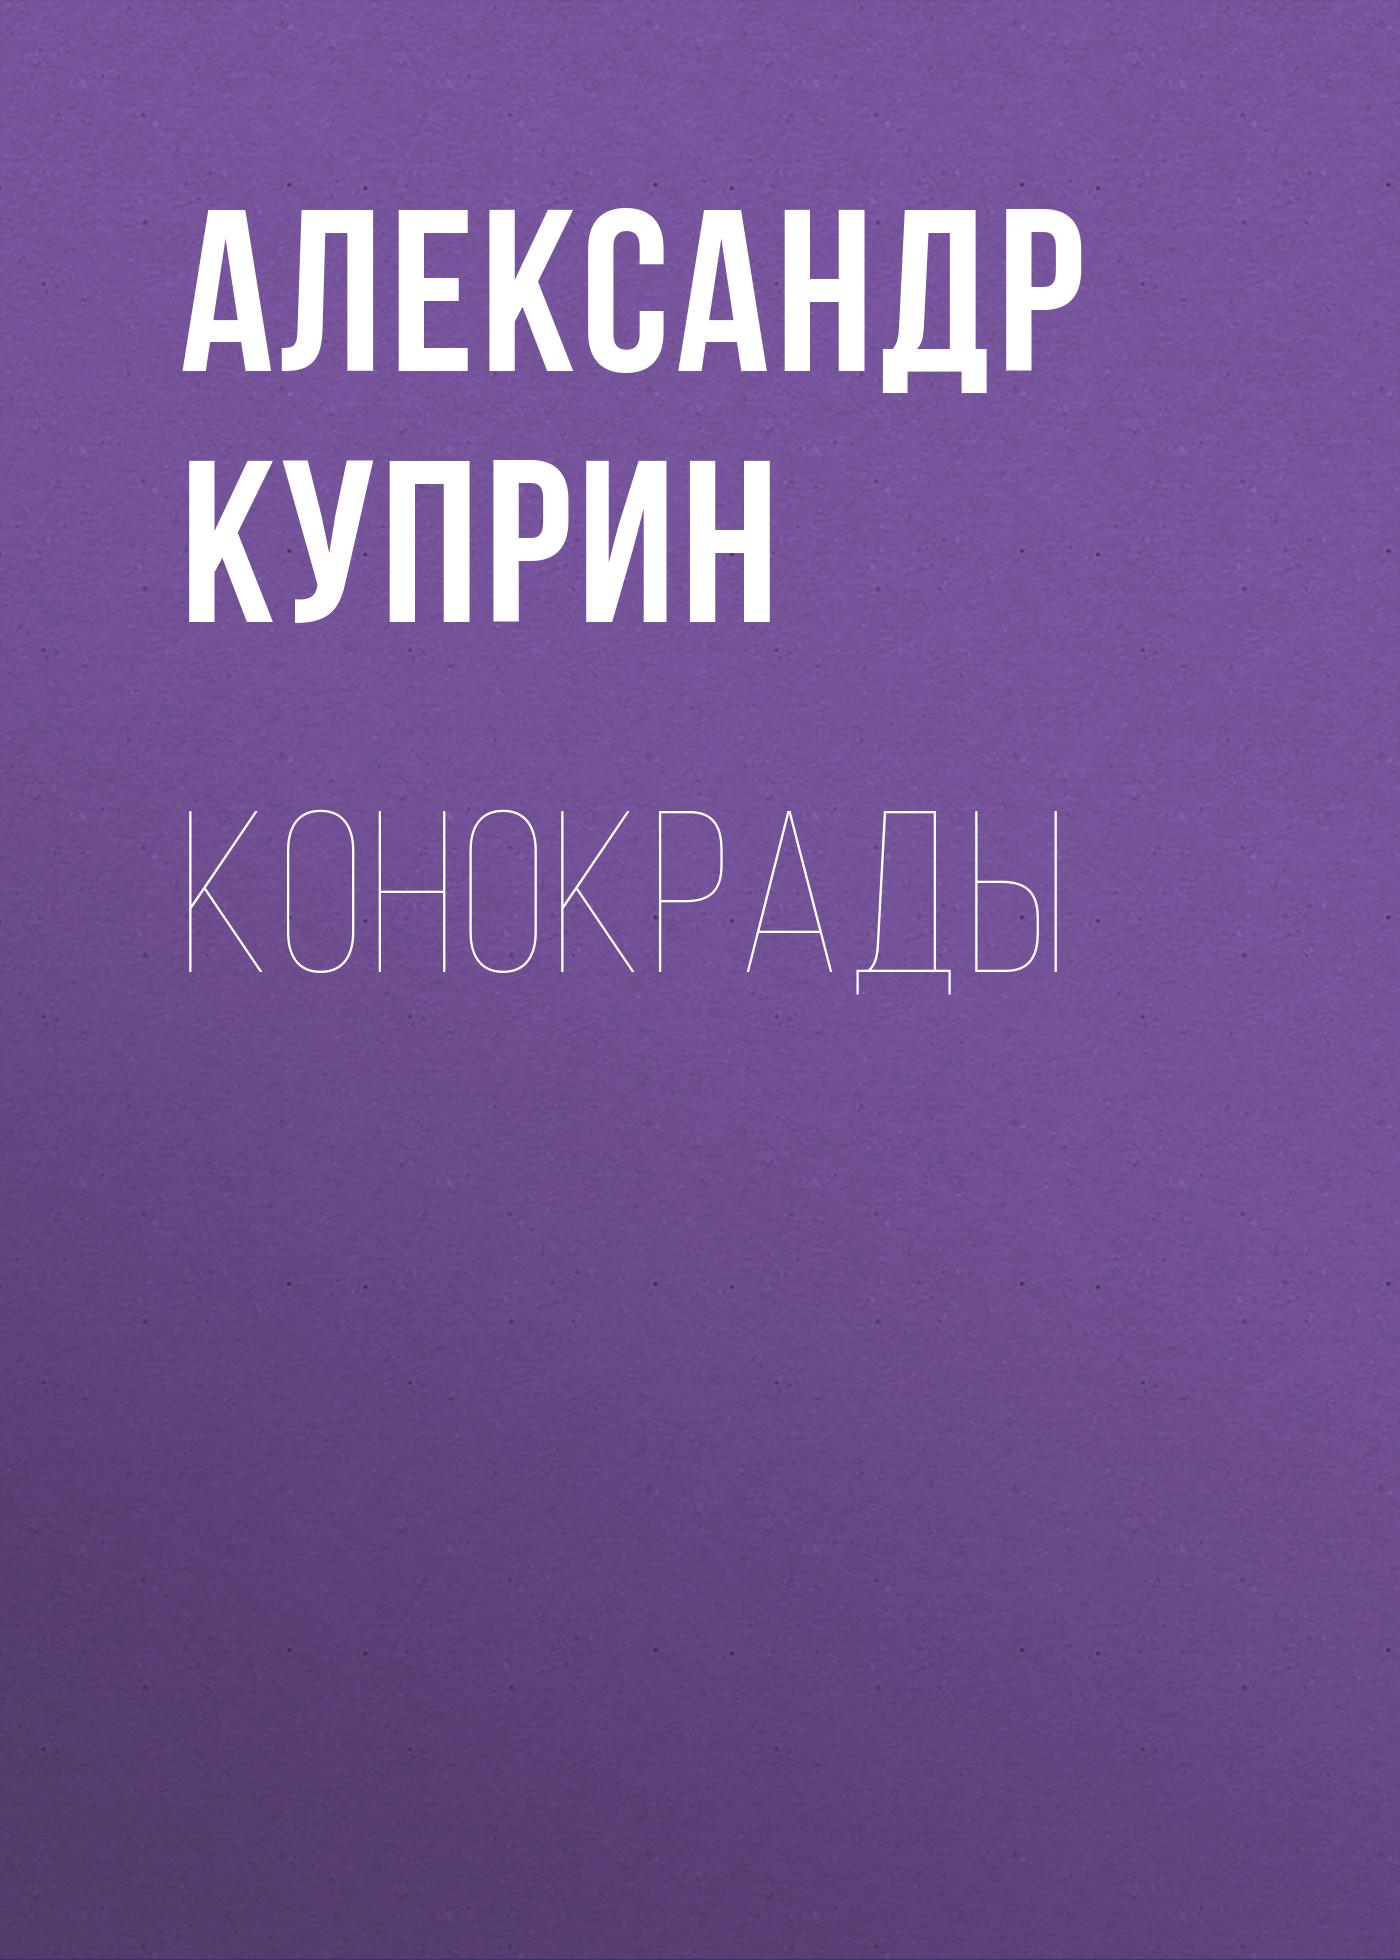 Конокрады – Александр Куприн